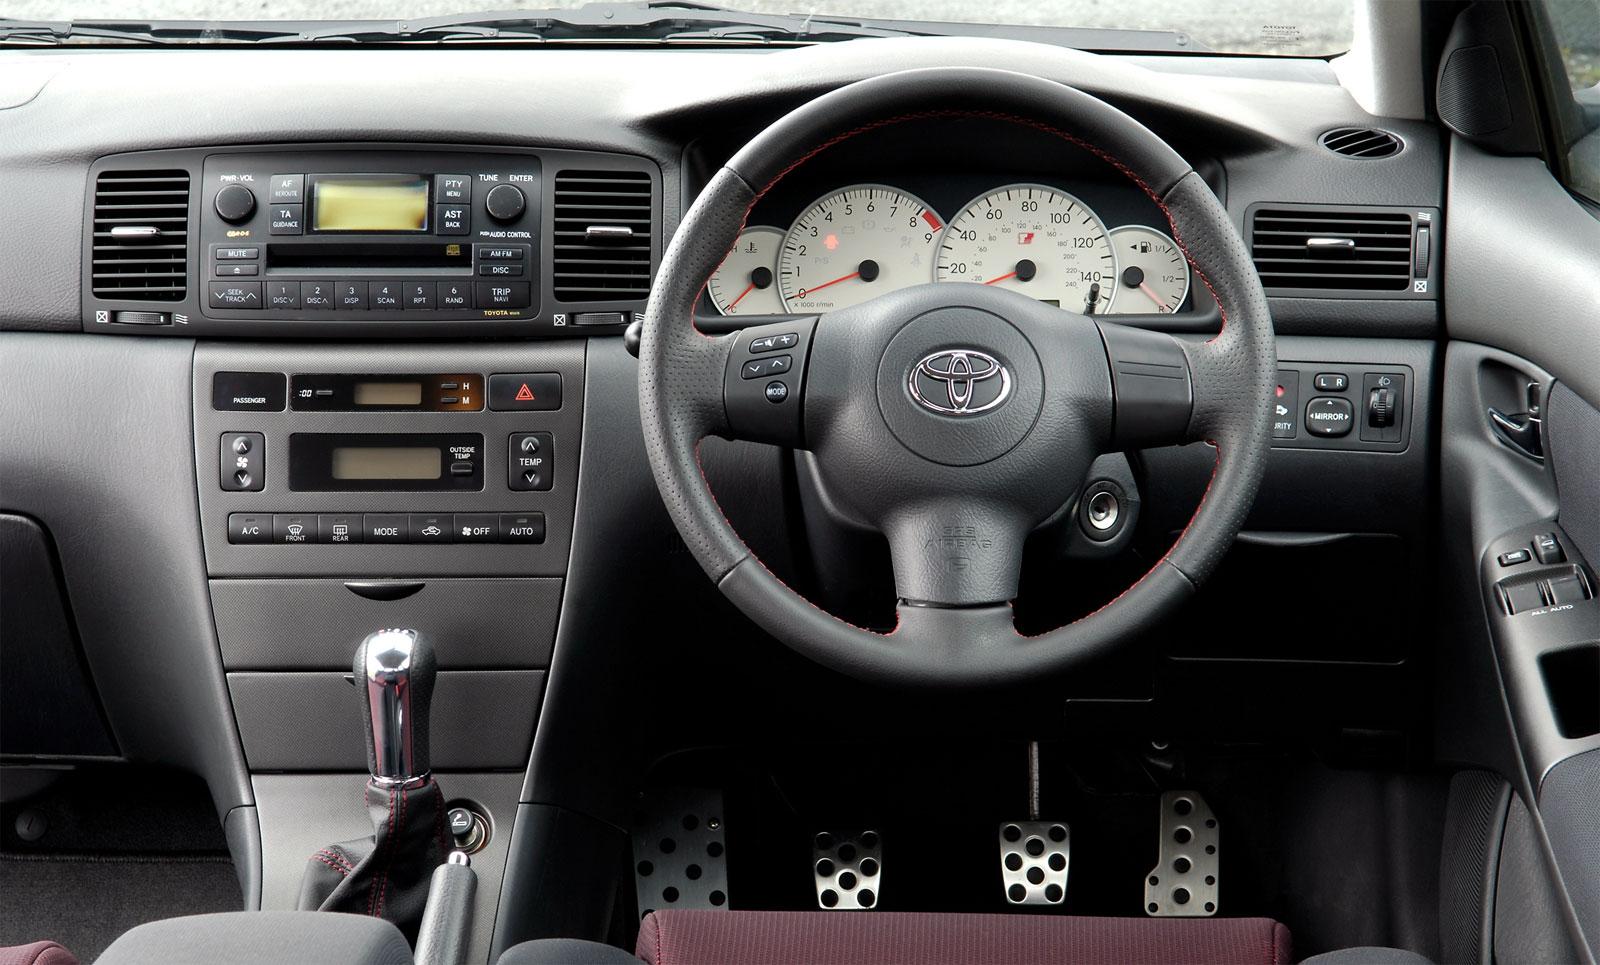 2006 Toyota Corolla Image 11